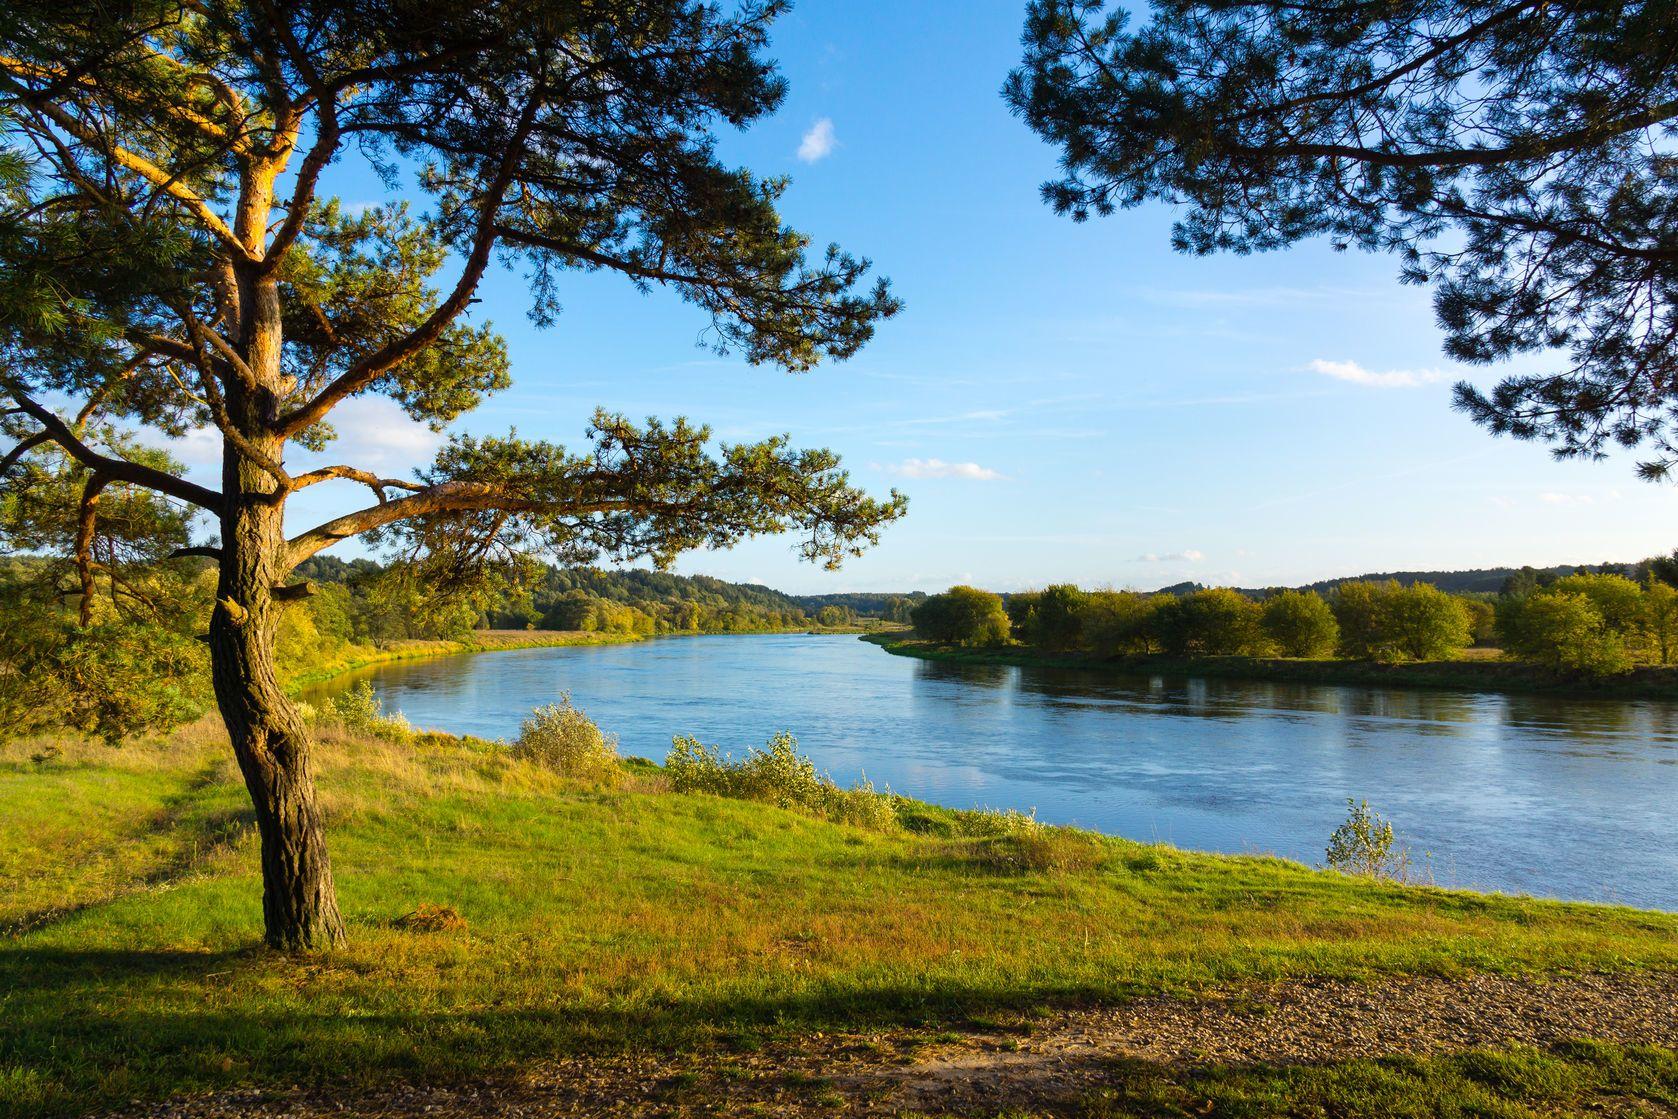 Podzimní krajina v okolí řeky Neris v Litvě | dacosta/123RF.com